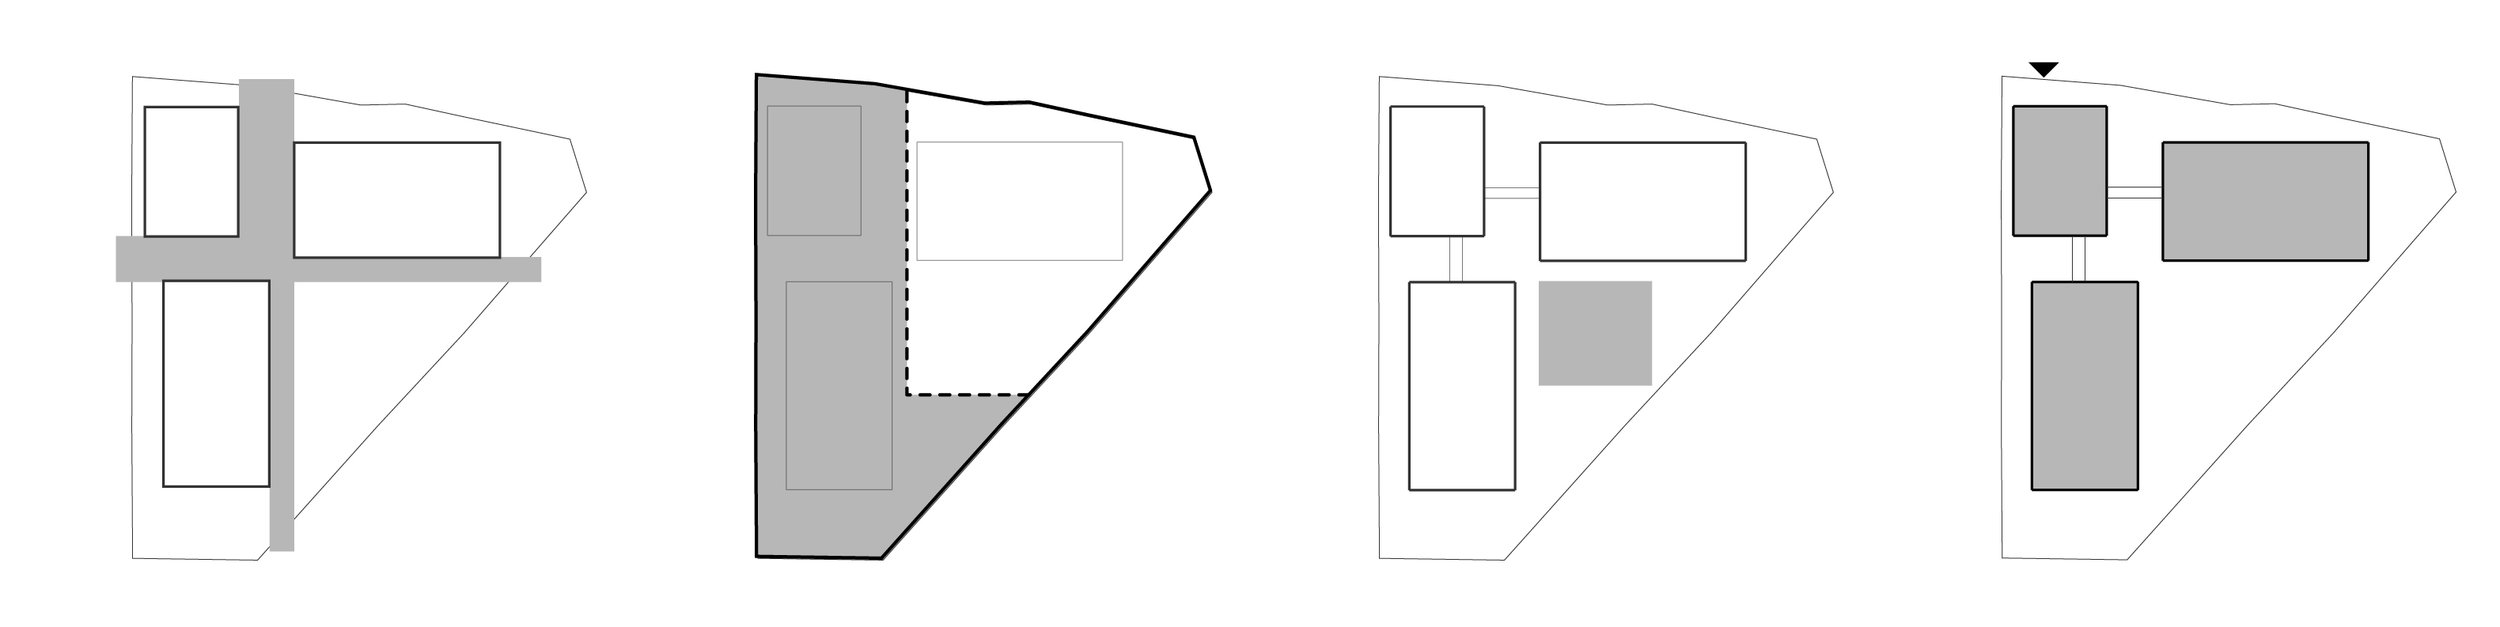 평면다이어그램.jpg